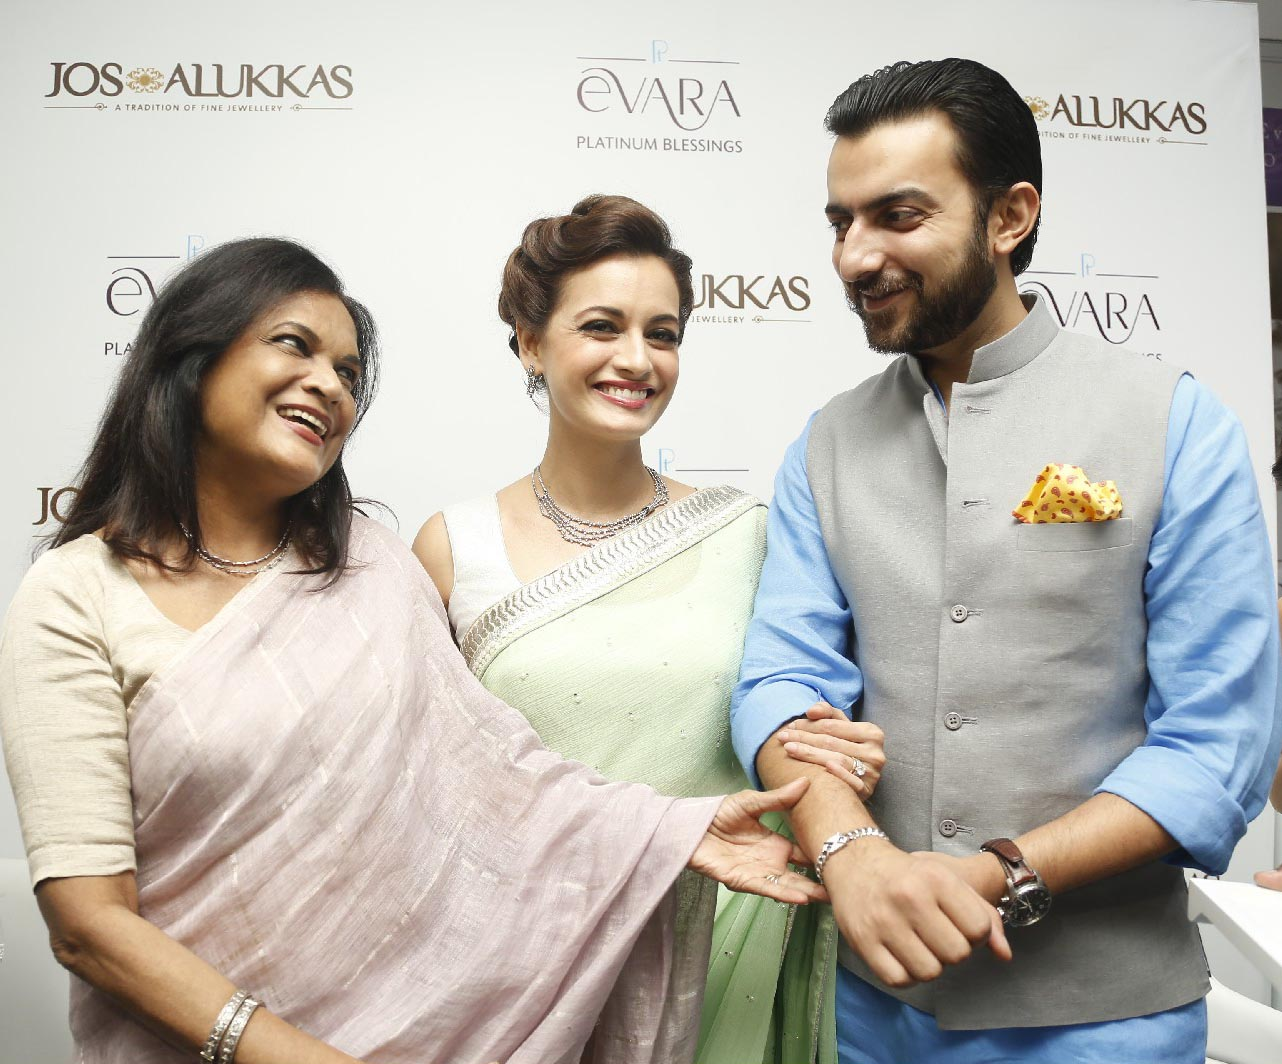 (L-R) Dia's mother Deepa Mirza; Dia Mirza & Dia's husband Sahil Sangha at the unveiling of Platinum 'EVARA' on Tuesday at Jos Alukkas Jewellery, Punjagutta.